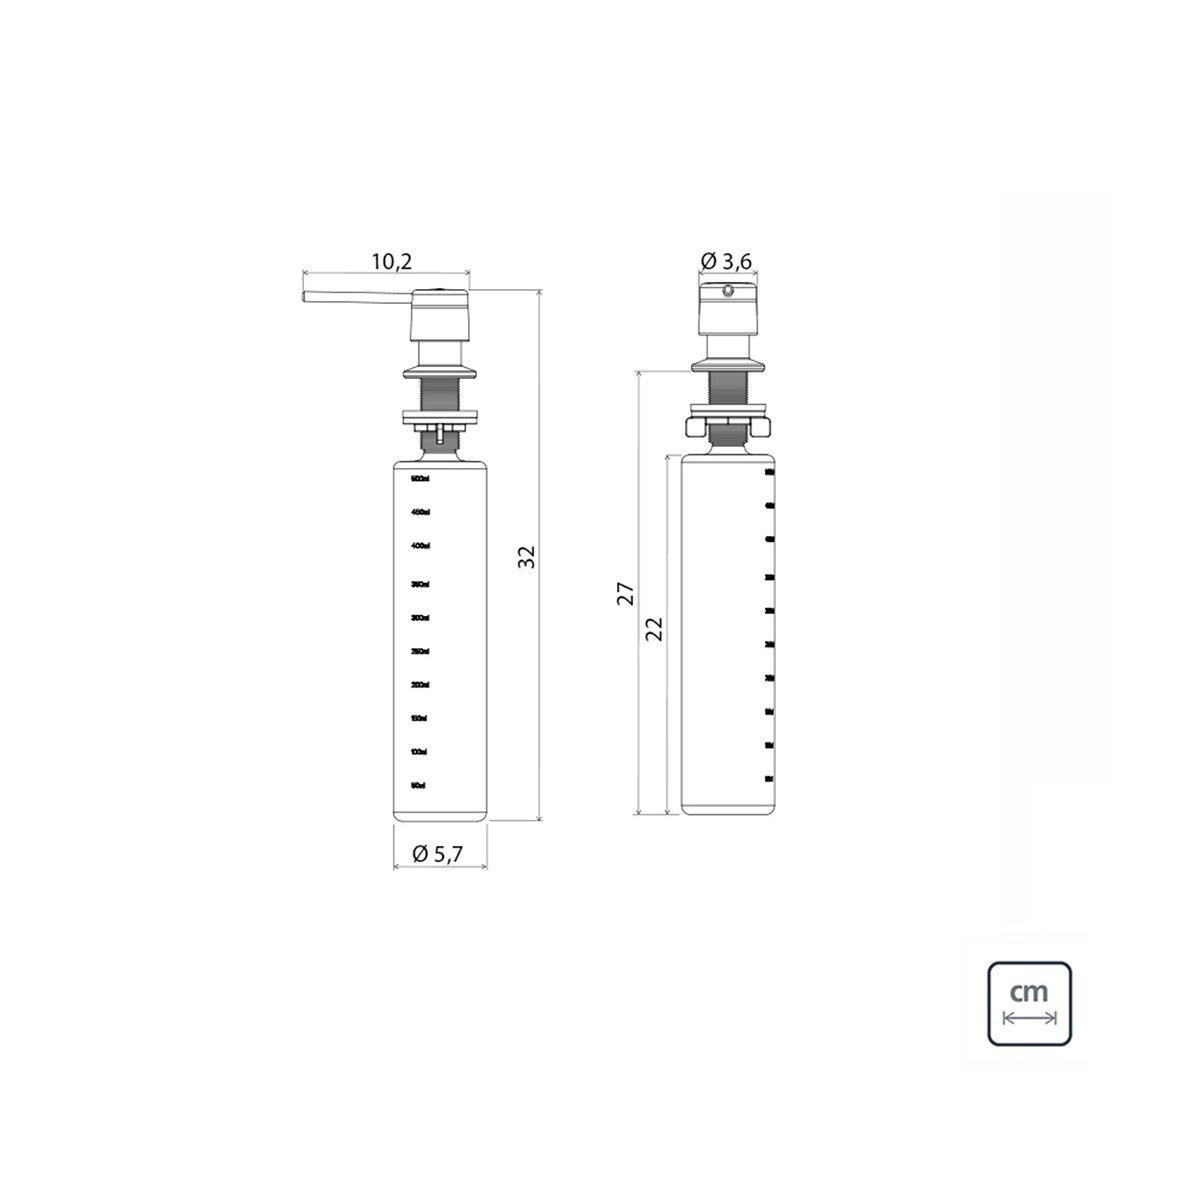 Medidas e Desenho Técnico do Dosador Tramontina